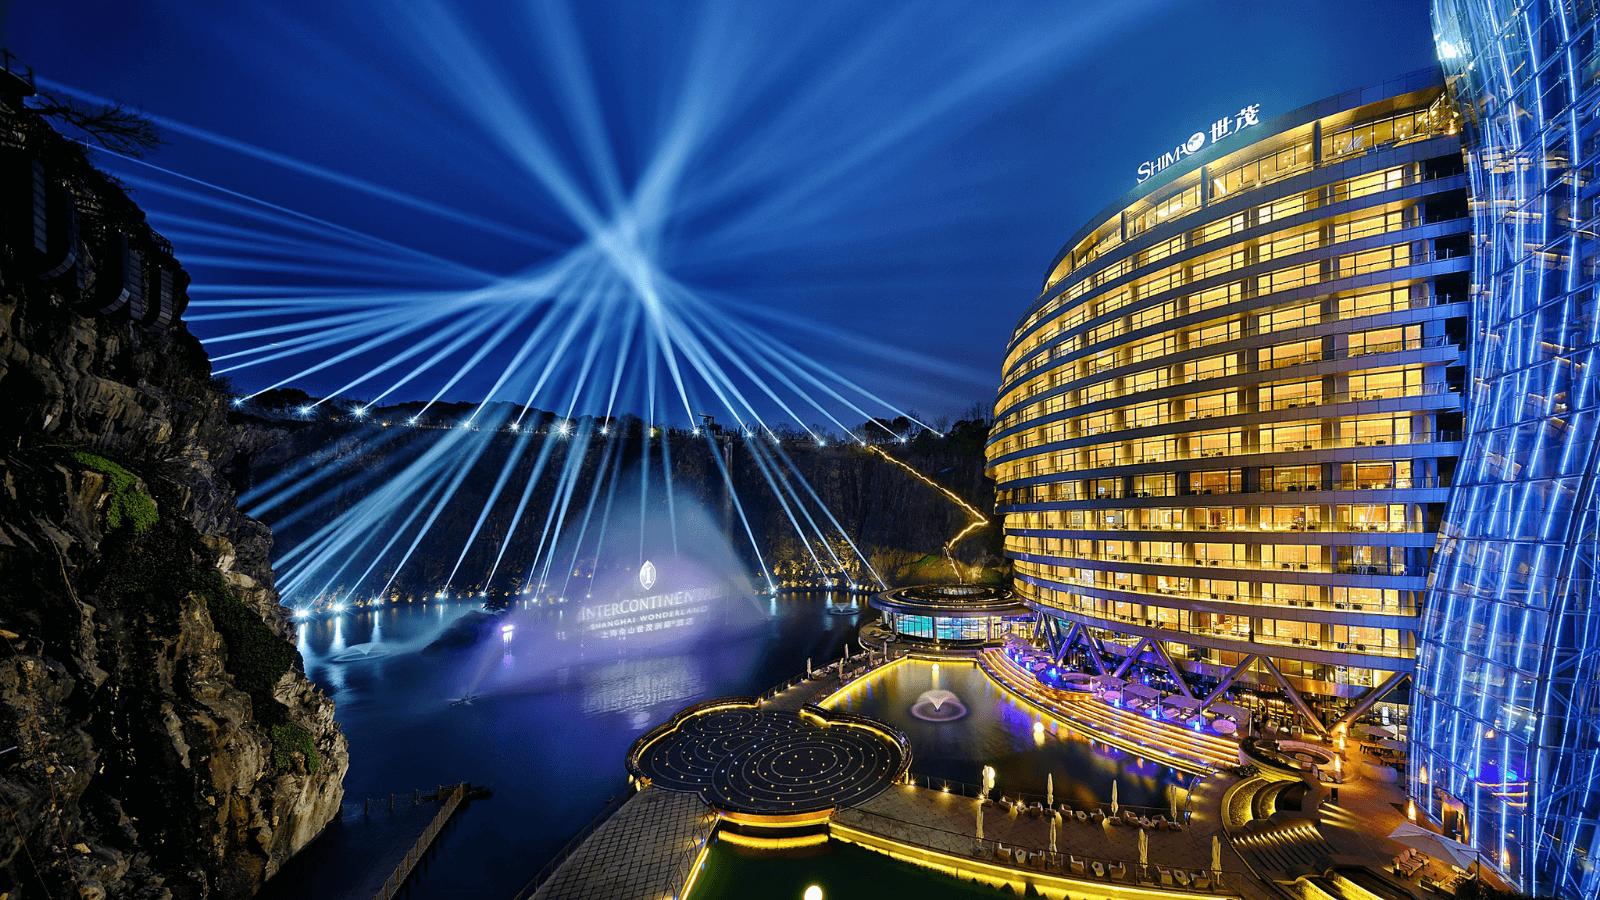 Descubre el primer hotel subterráneo con el cual Shanghái ofrece uno de los hospedajes más insólitos del mundo 1